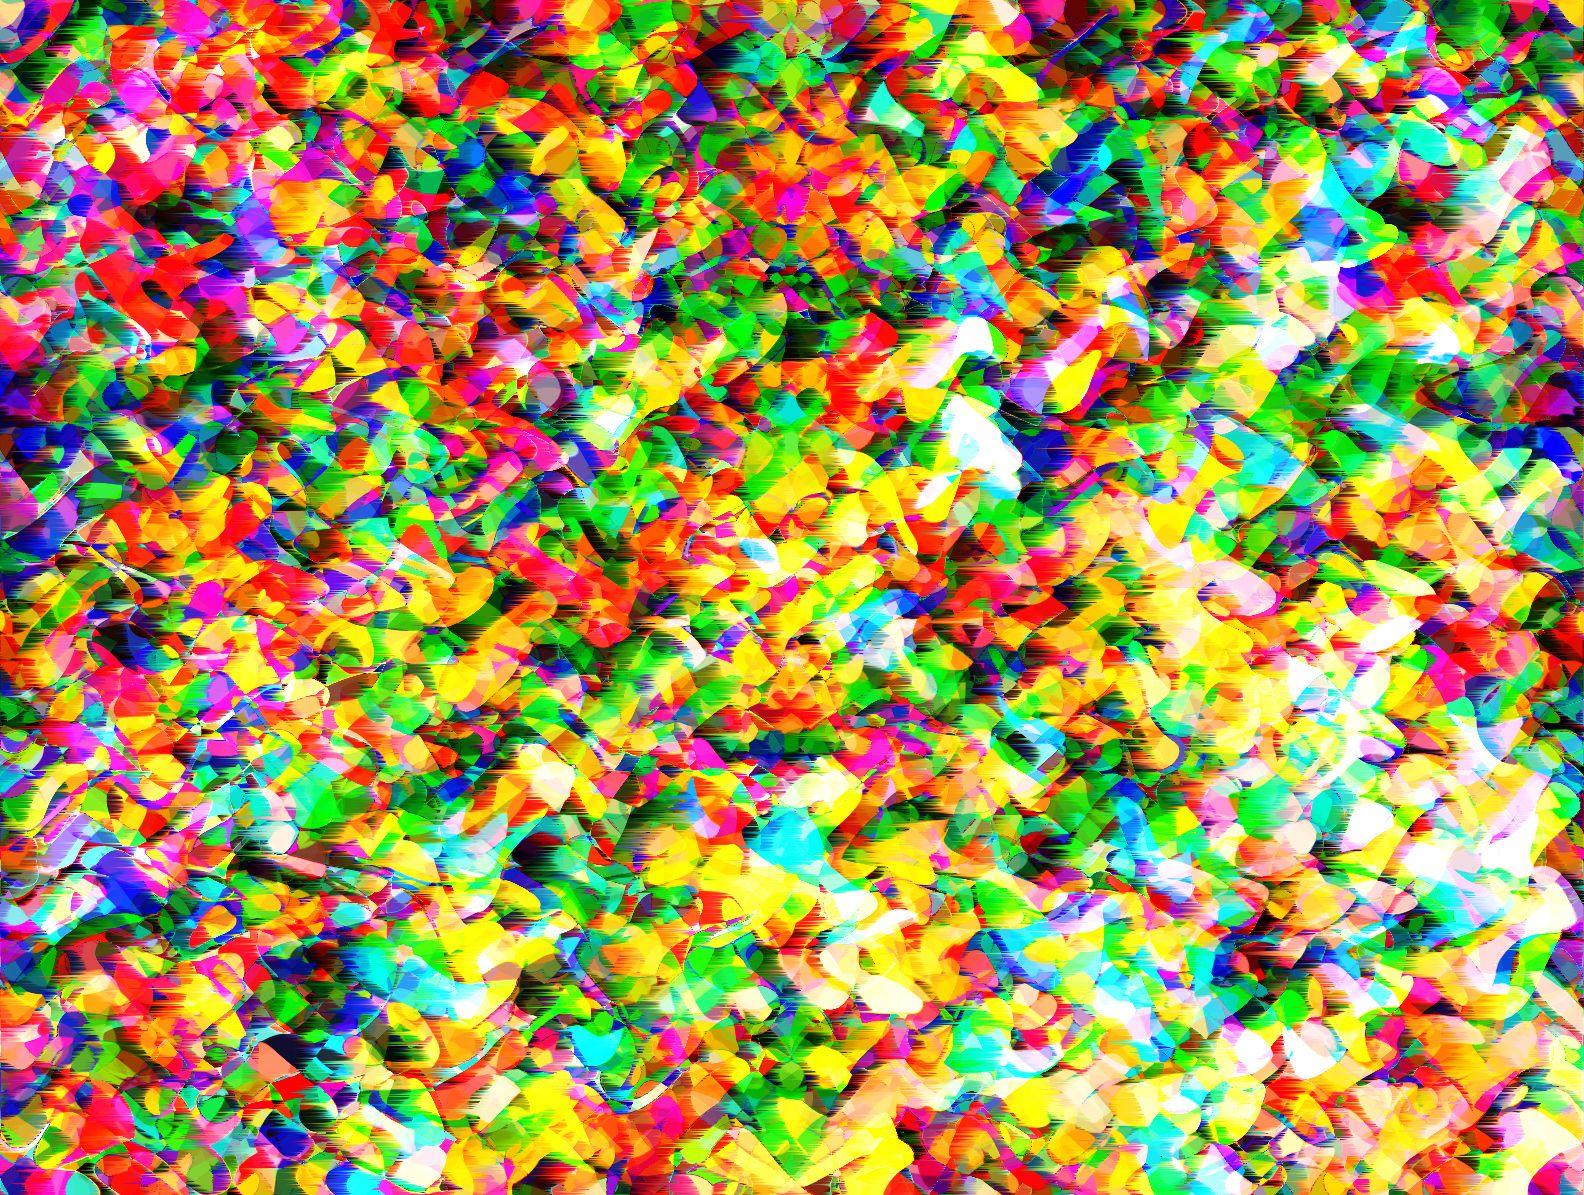 Psicodelia De Colores Y Y Formas Onduladas Fondos Funds